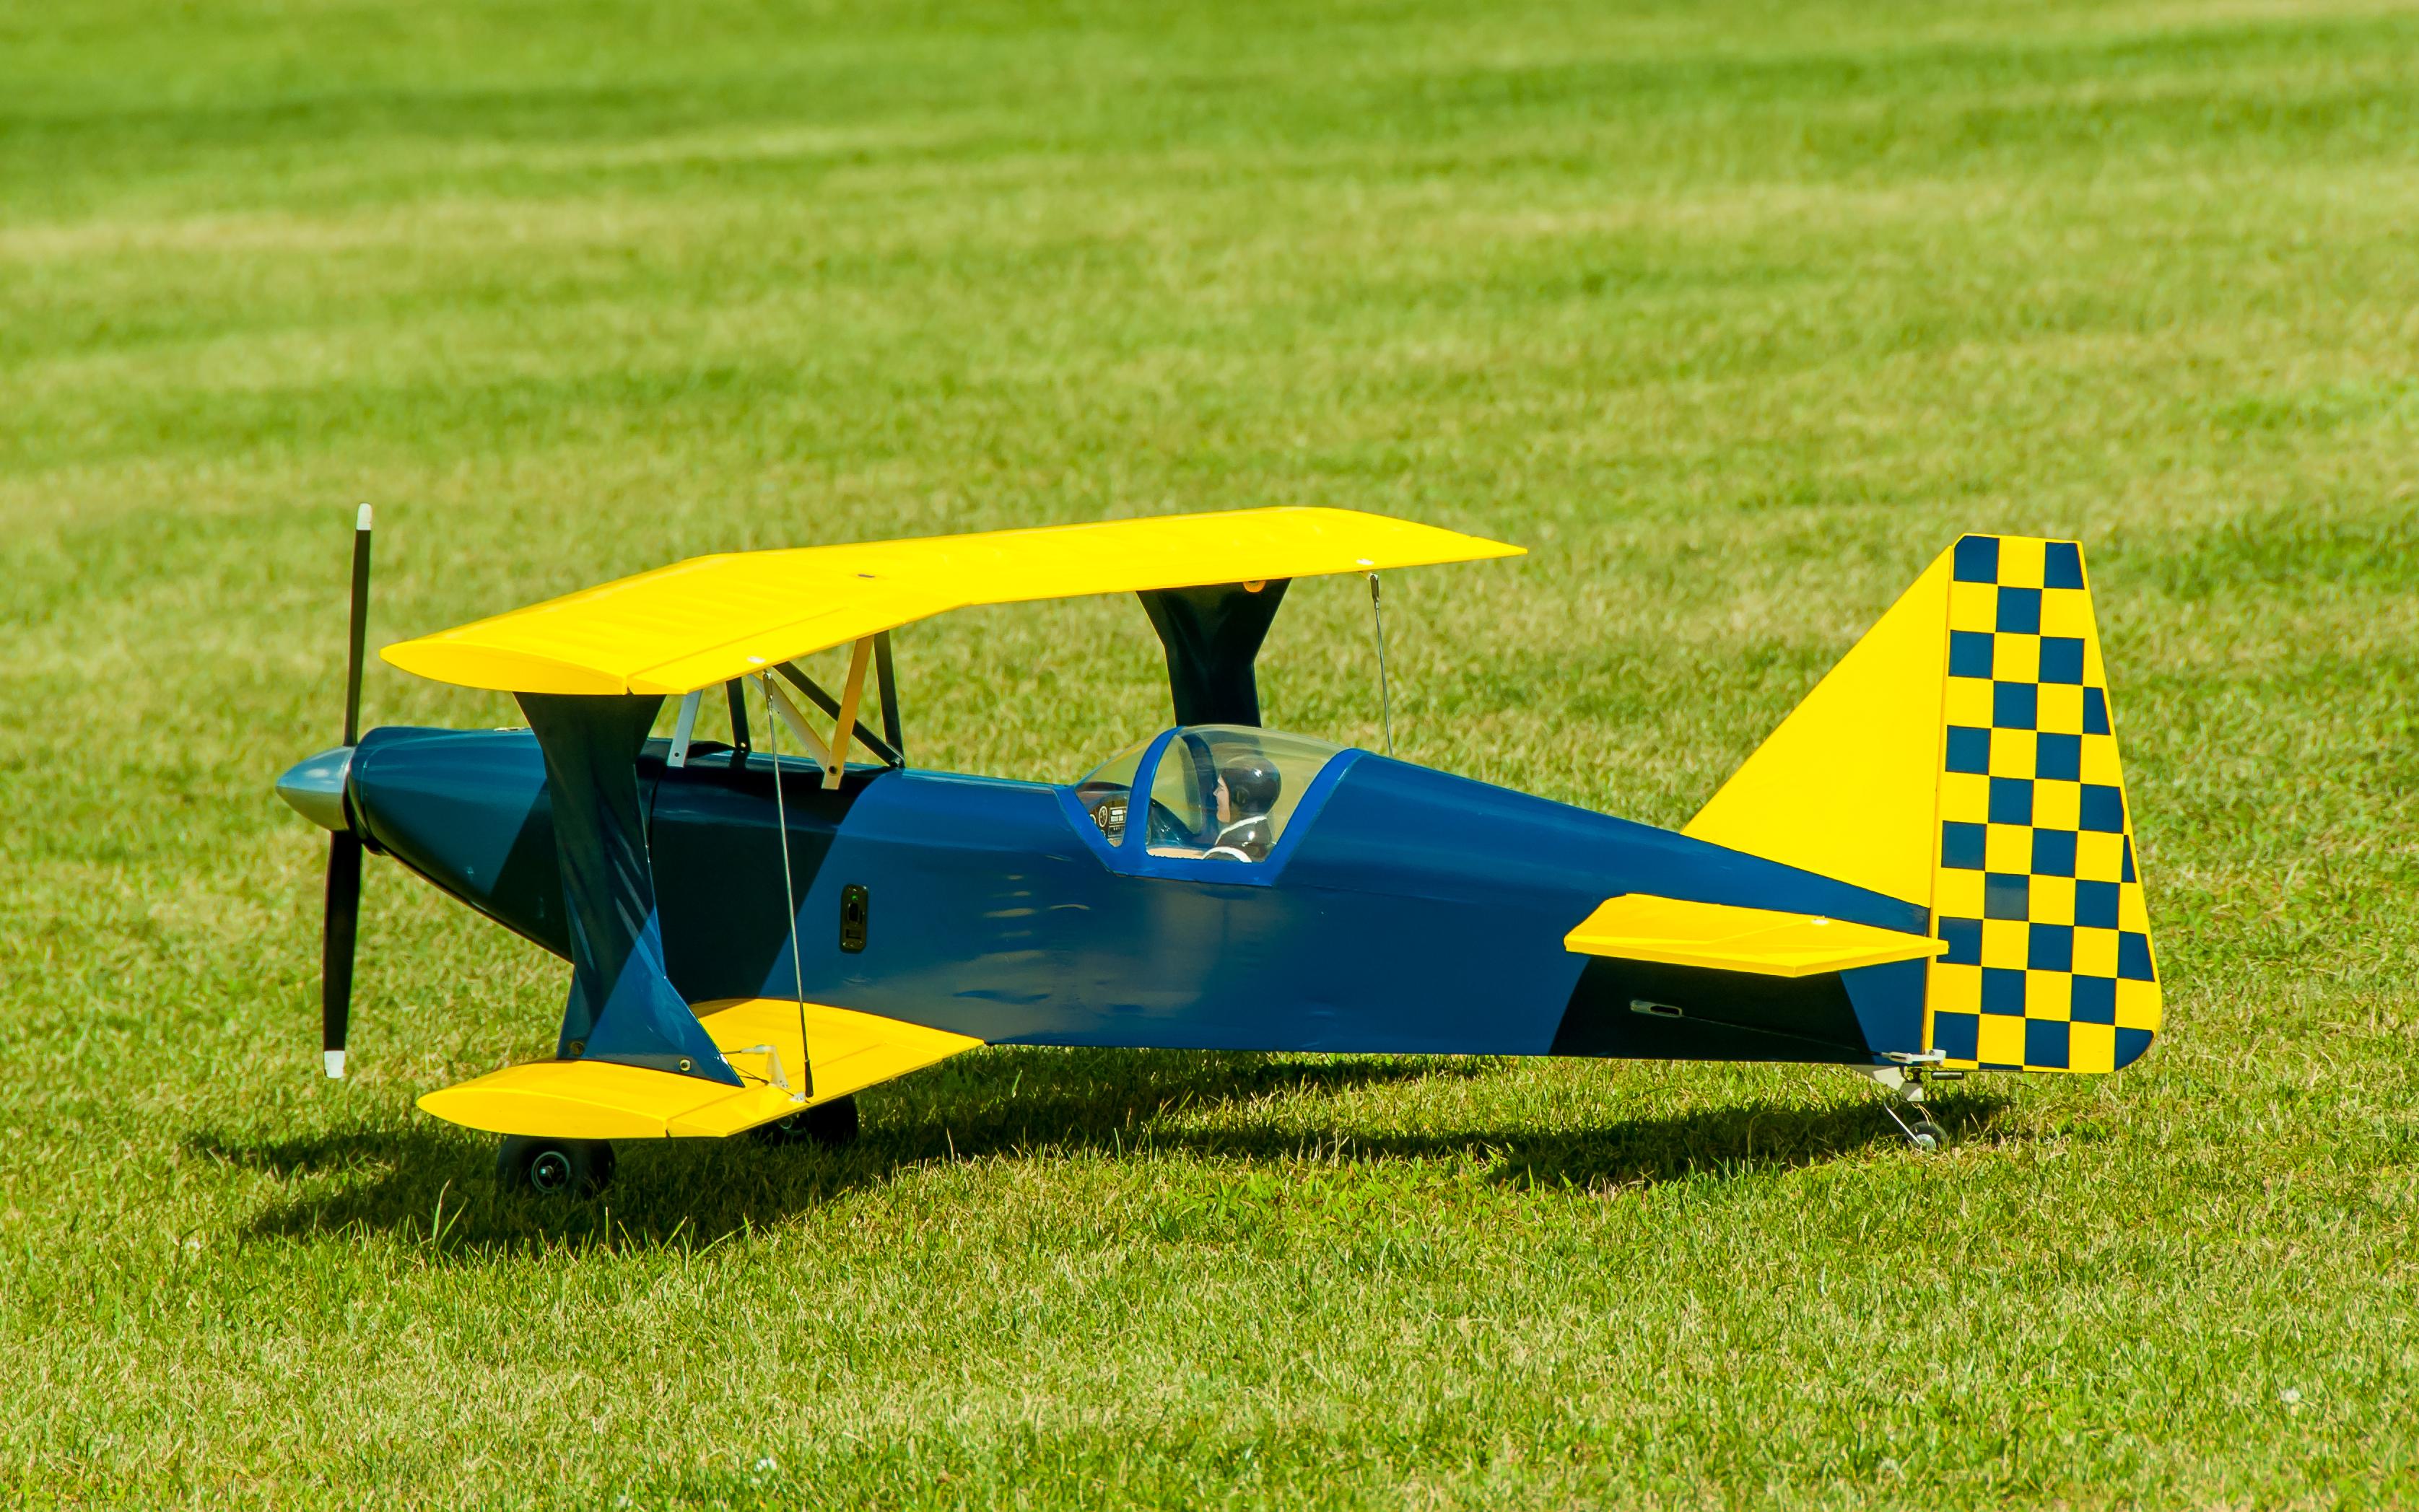 # - 270 - Dark Blue & Yellow, Checkered Tail